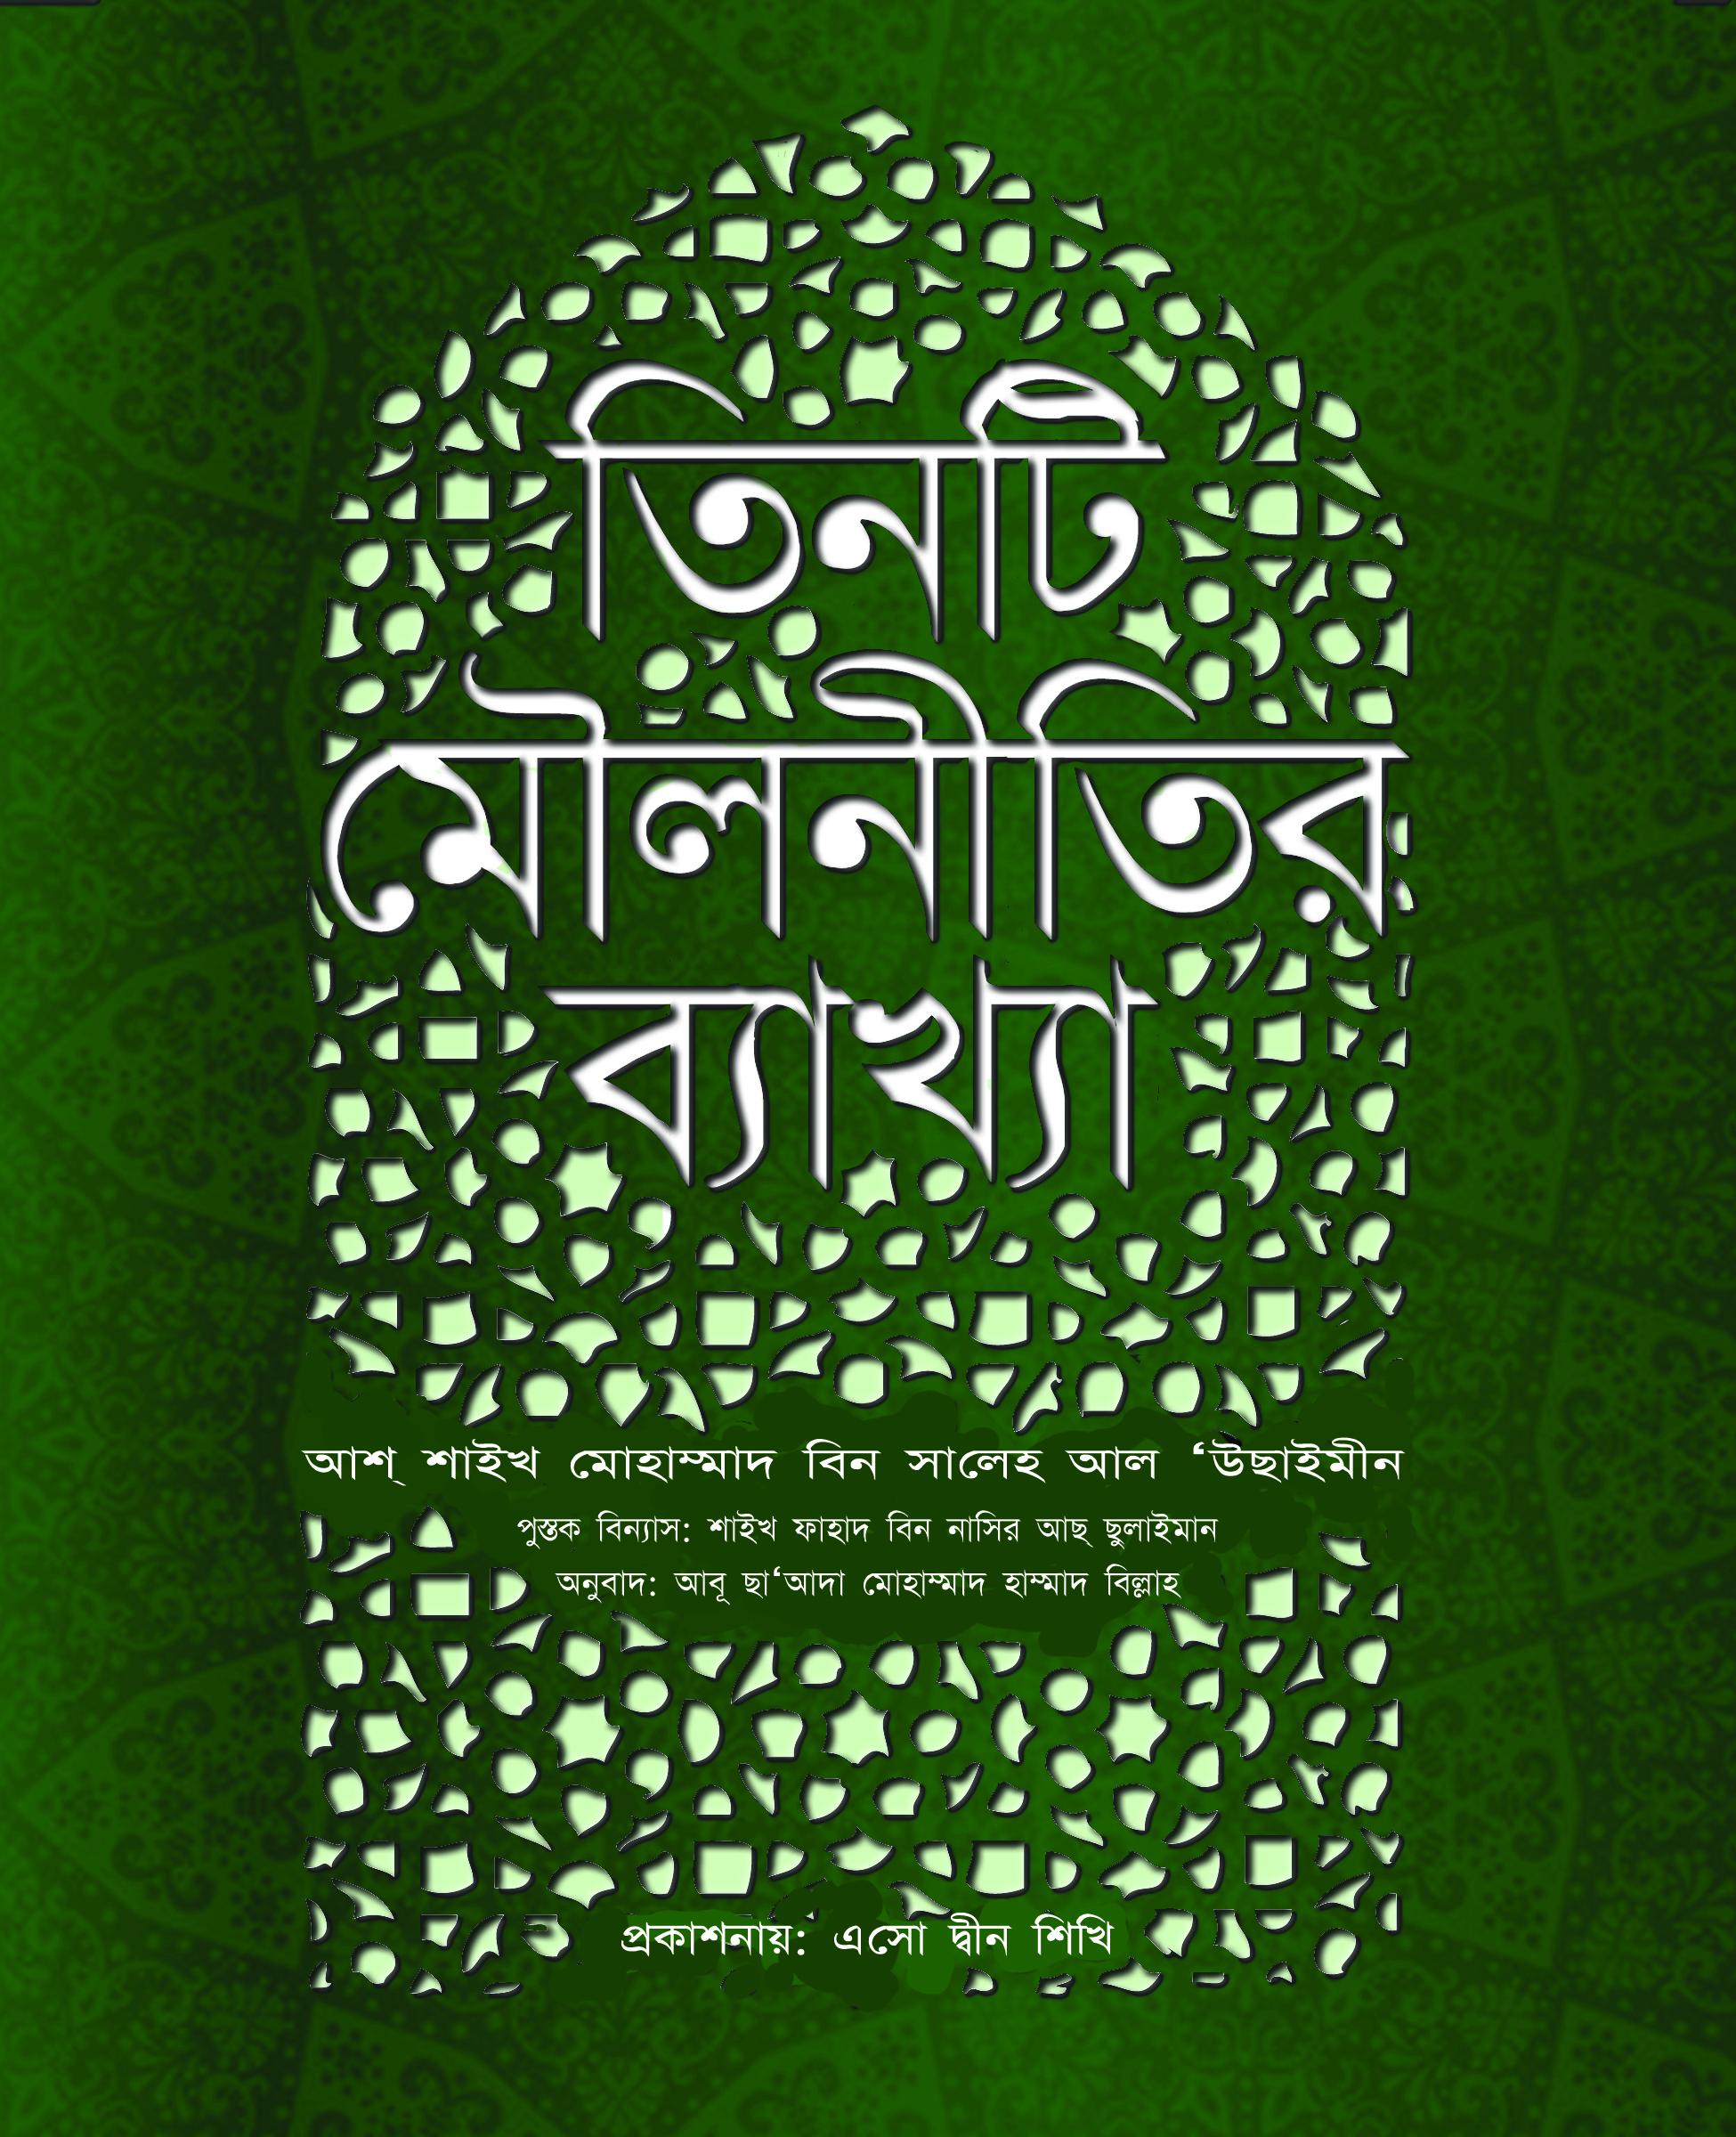 পুস্তক প্রকাশনা: তিনটি মৌলনীতির ব্যাখ্যা